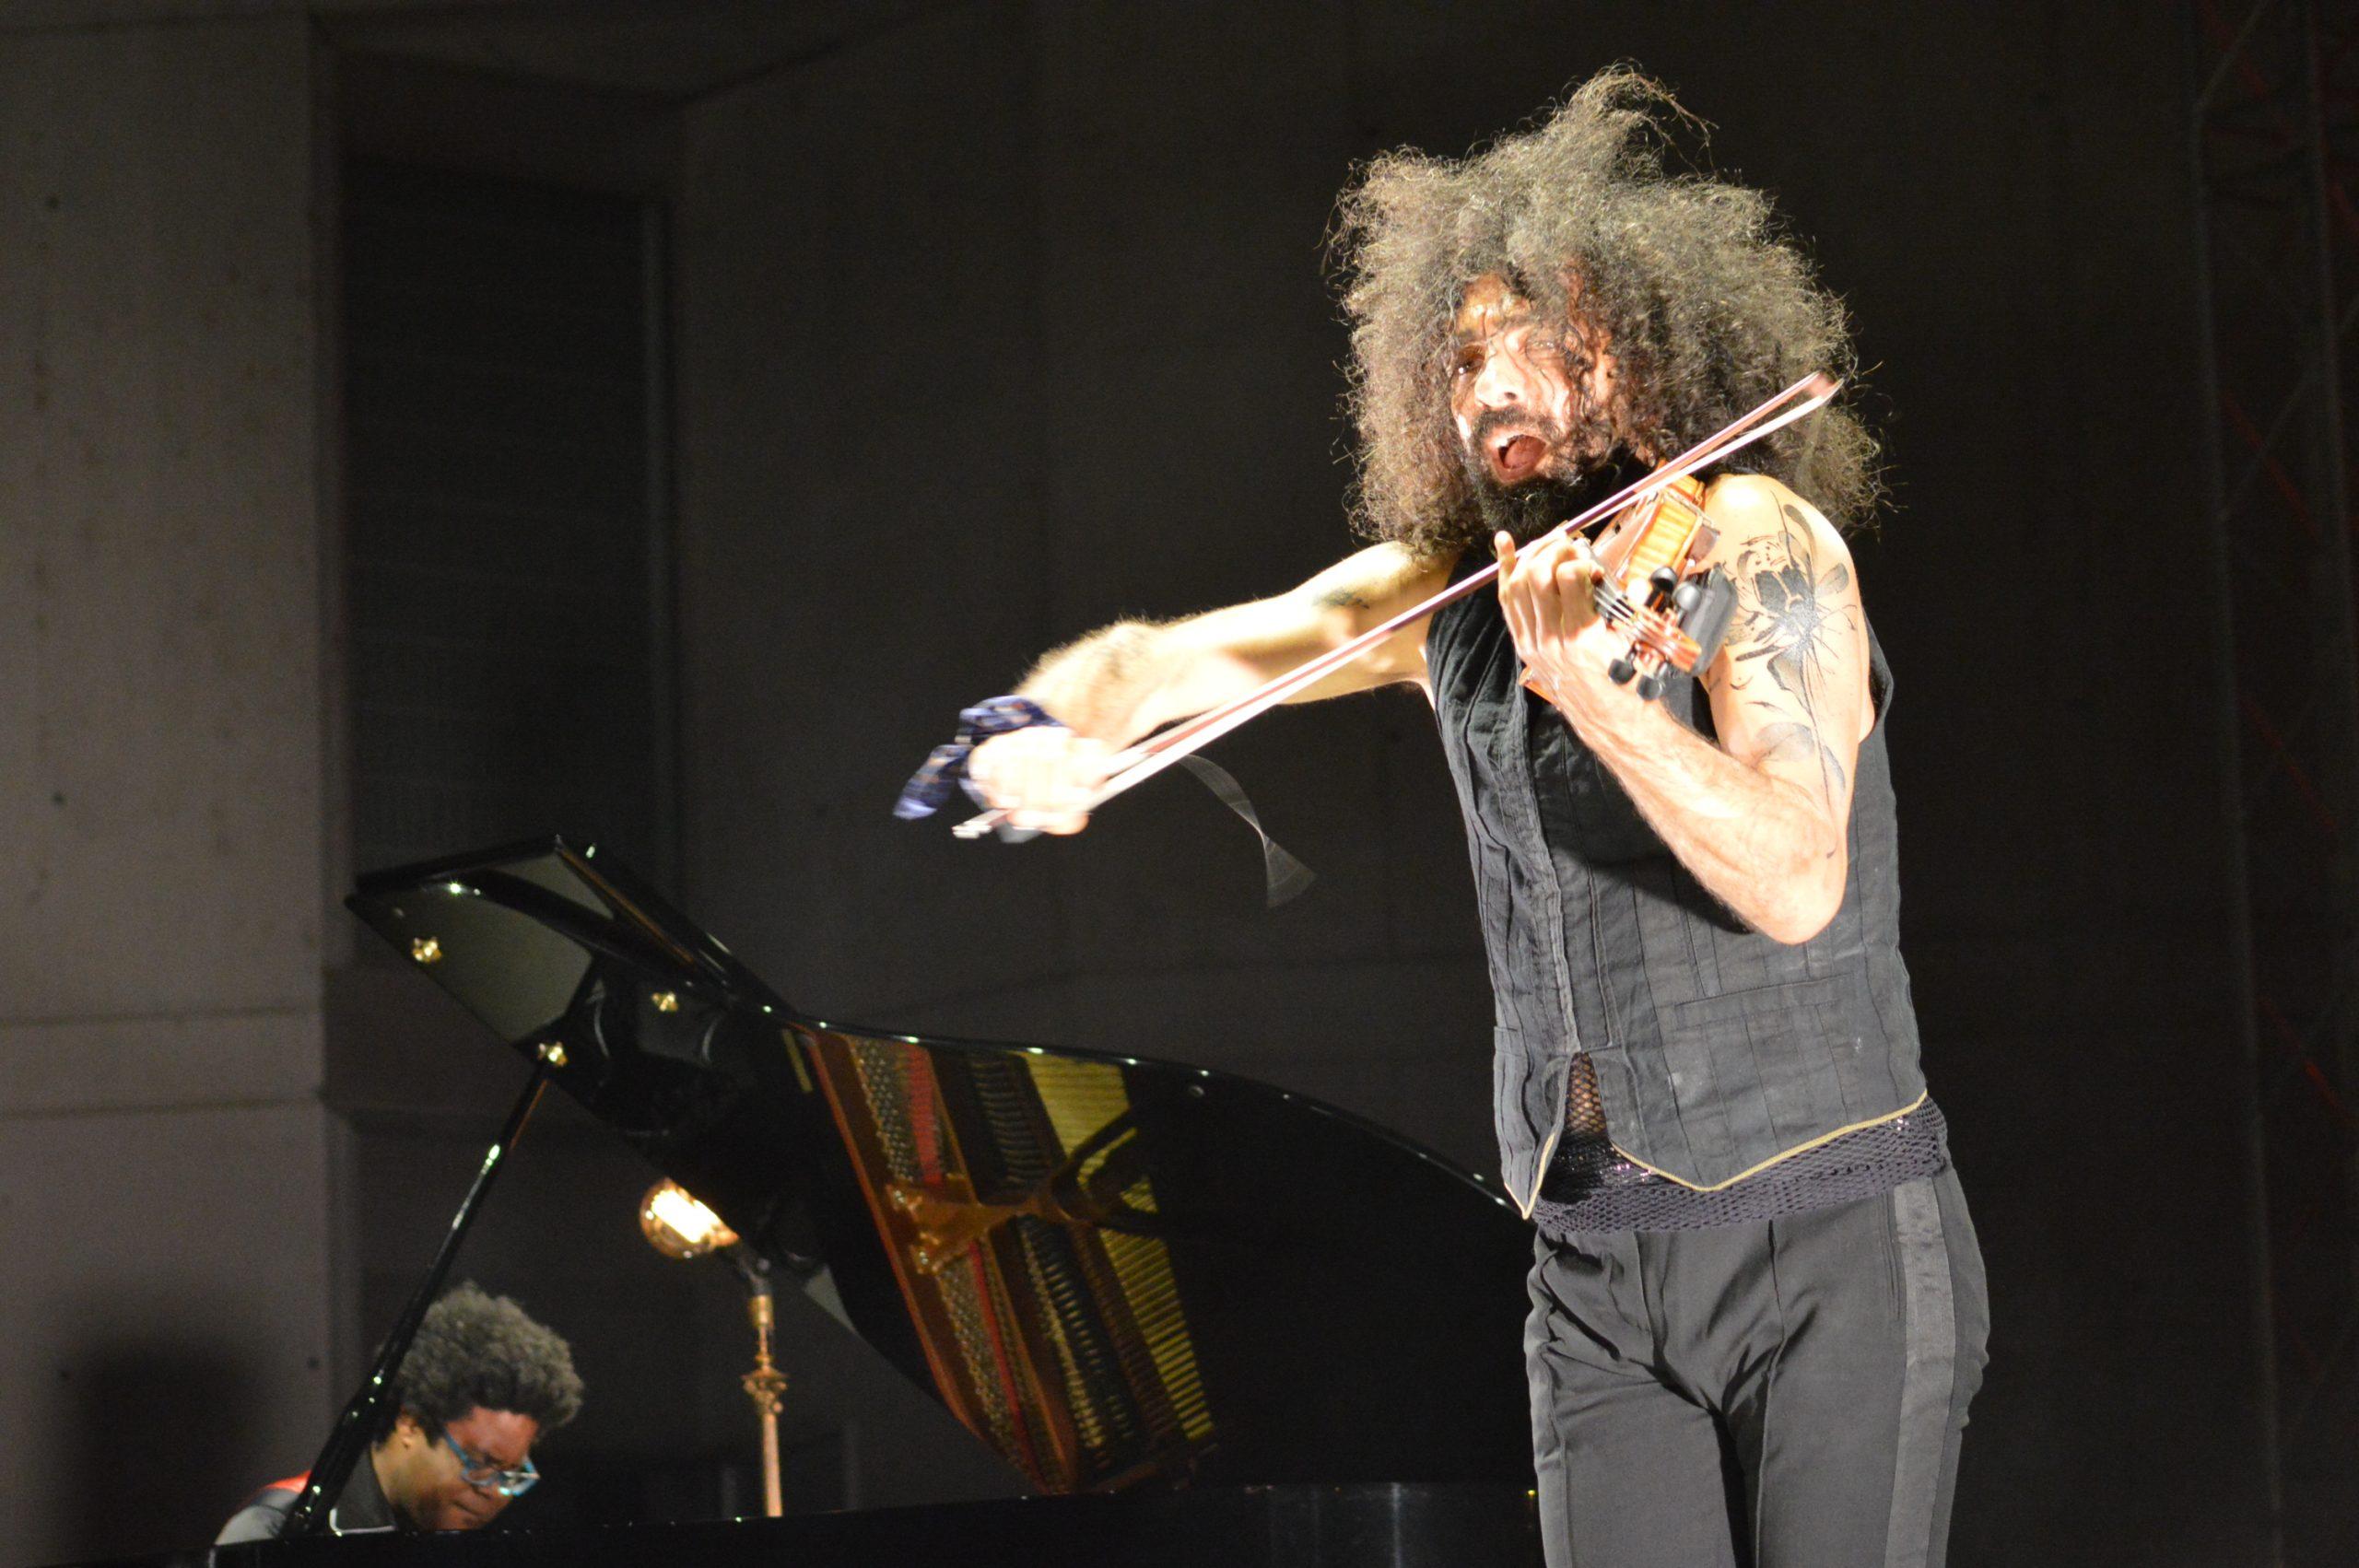 Ara Malikian emociona en su regreso a Ponferrada demostrando una vez más su virtuosismo con el violín 10